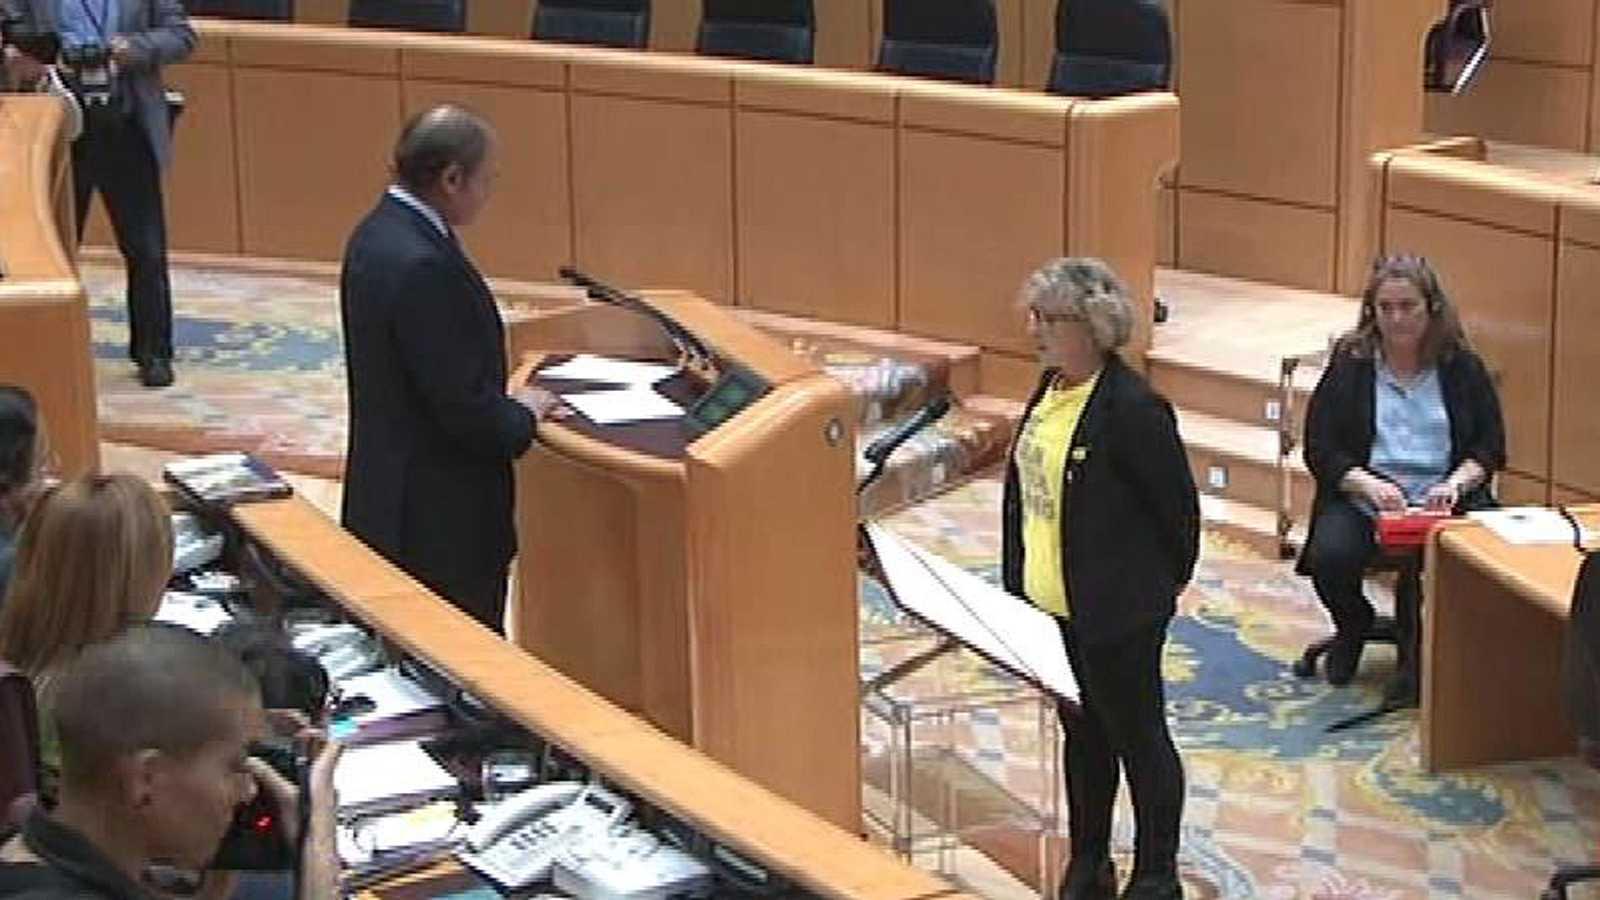 El presidente del Senado obliga a la portavoz de ERC a acatar la Carta Magna en castellano